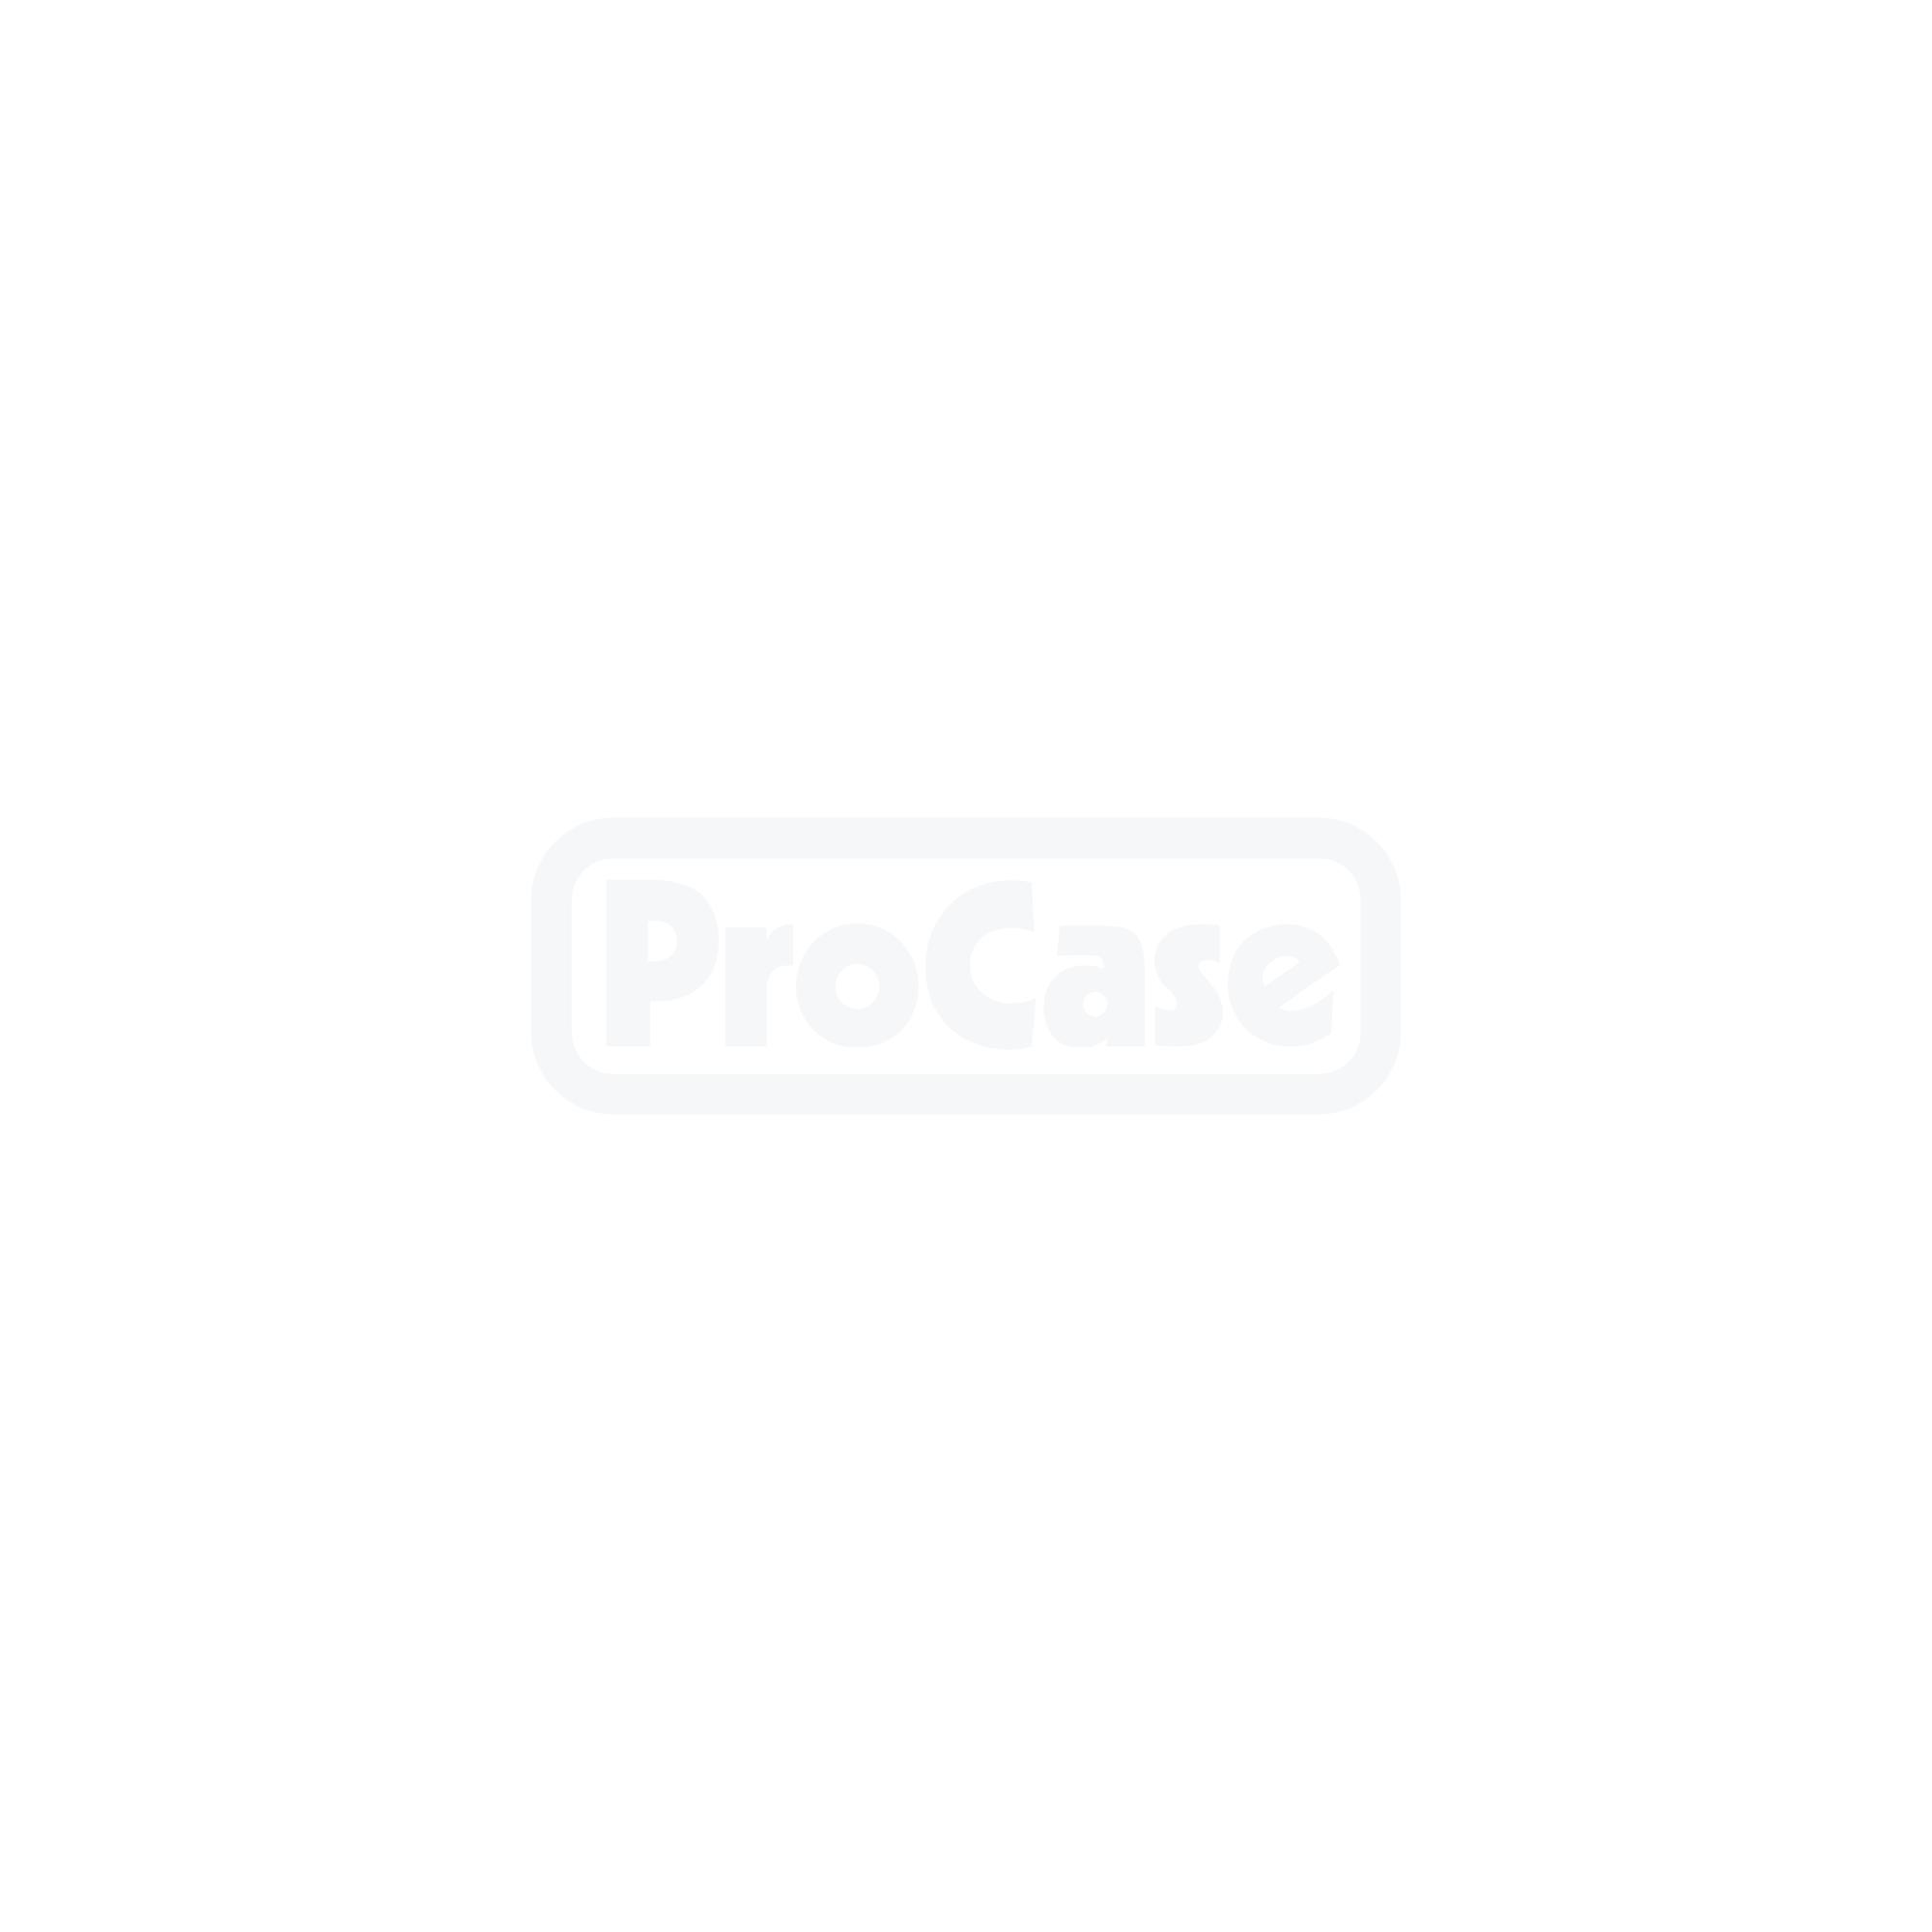 Flipcase für Allen&Heath dLive C1500